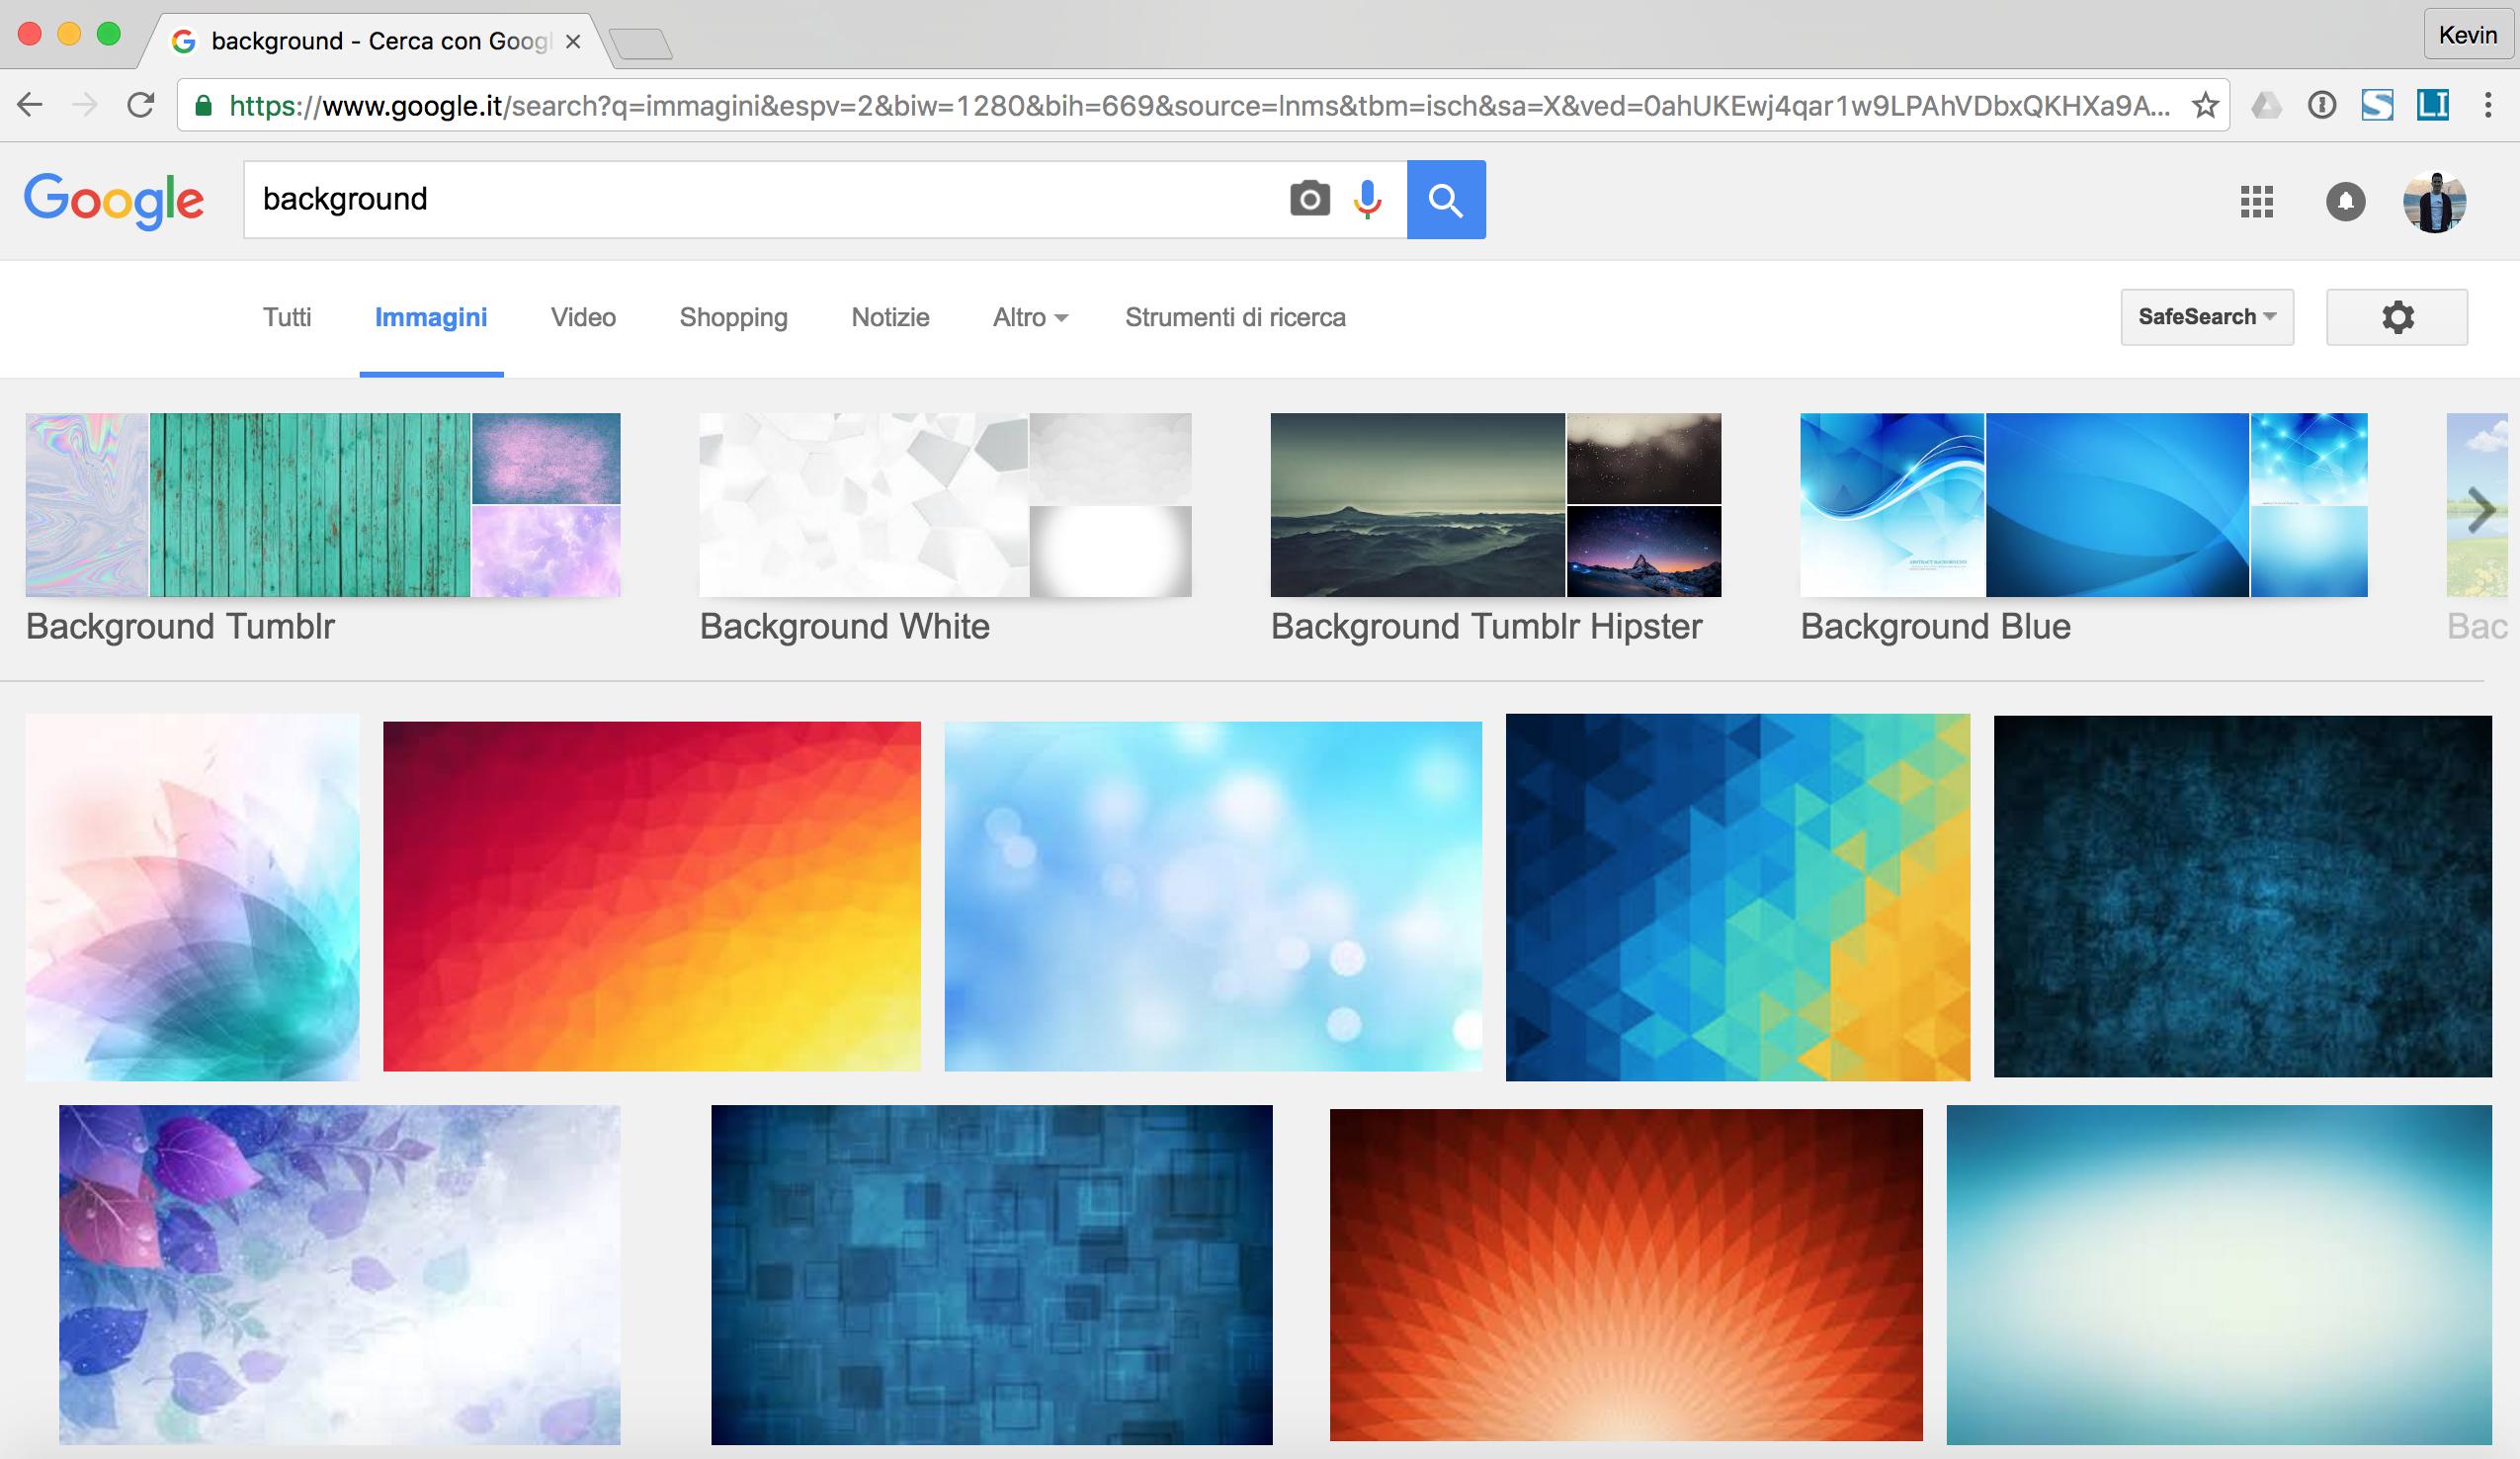 Le immagini di Google si possono utilizzare?